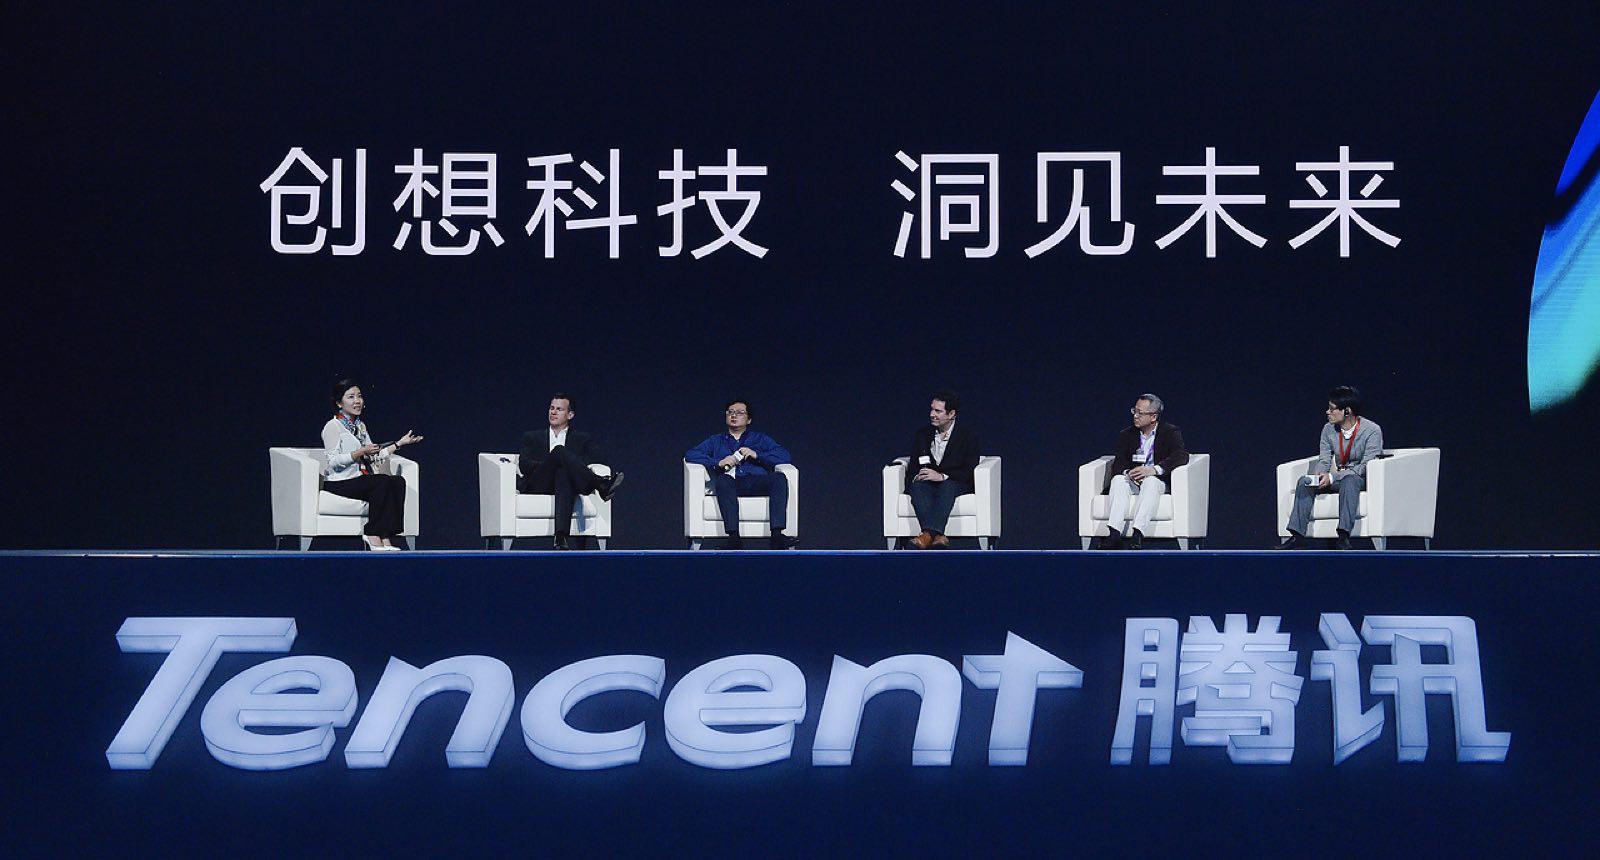 中美AI机遇之辩:数据为王还是基础研究制胜